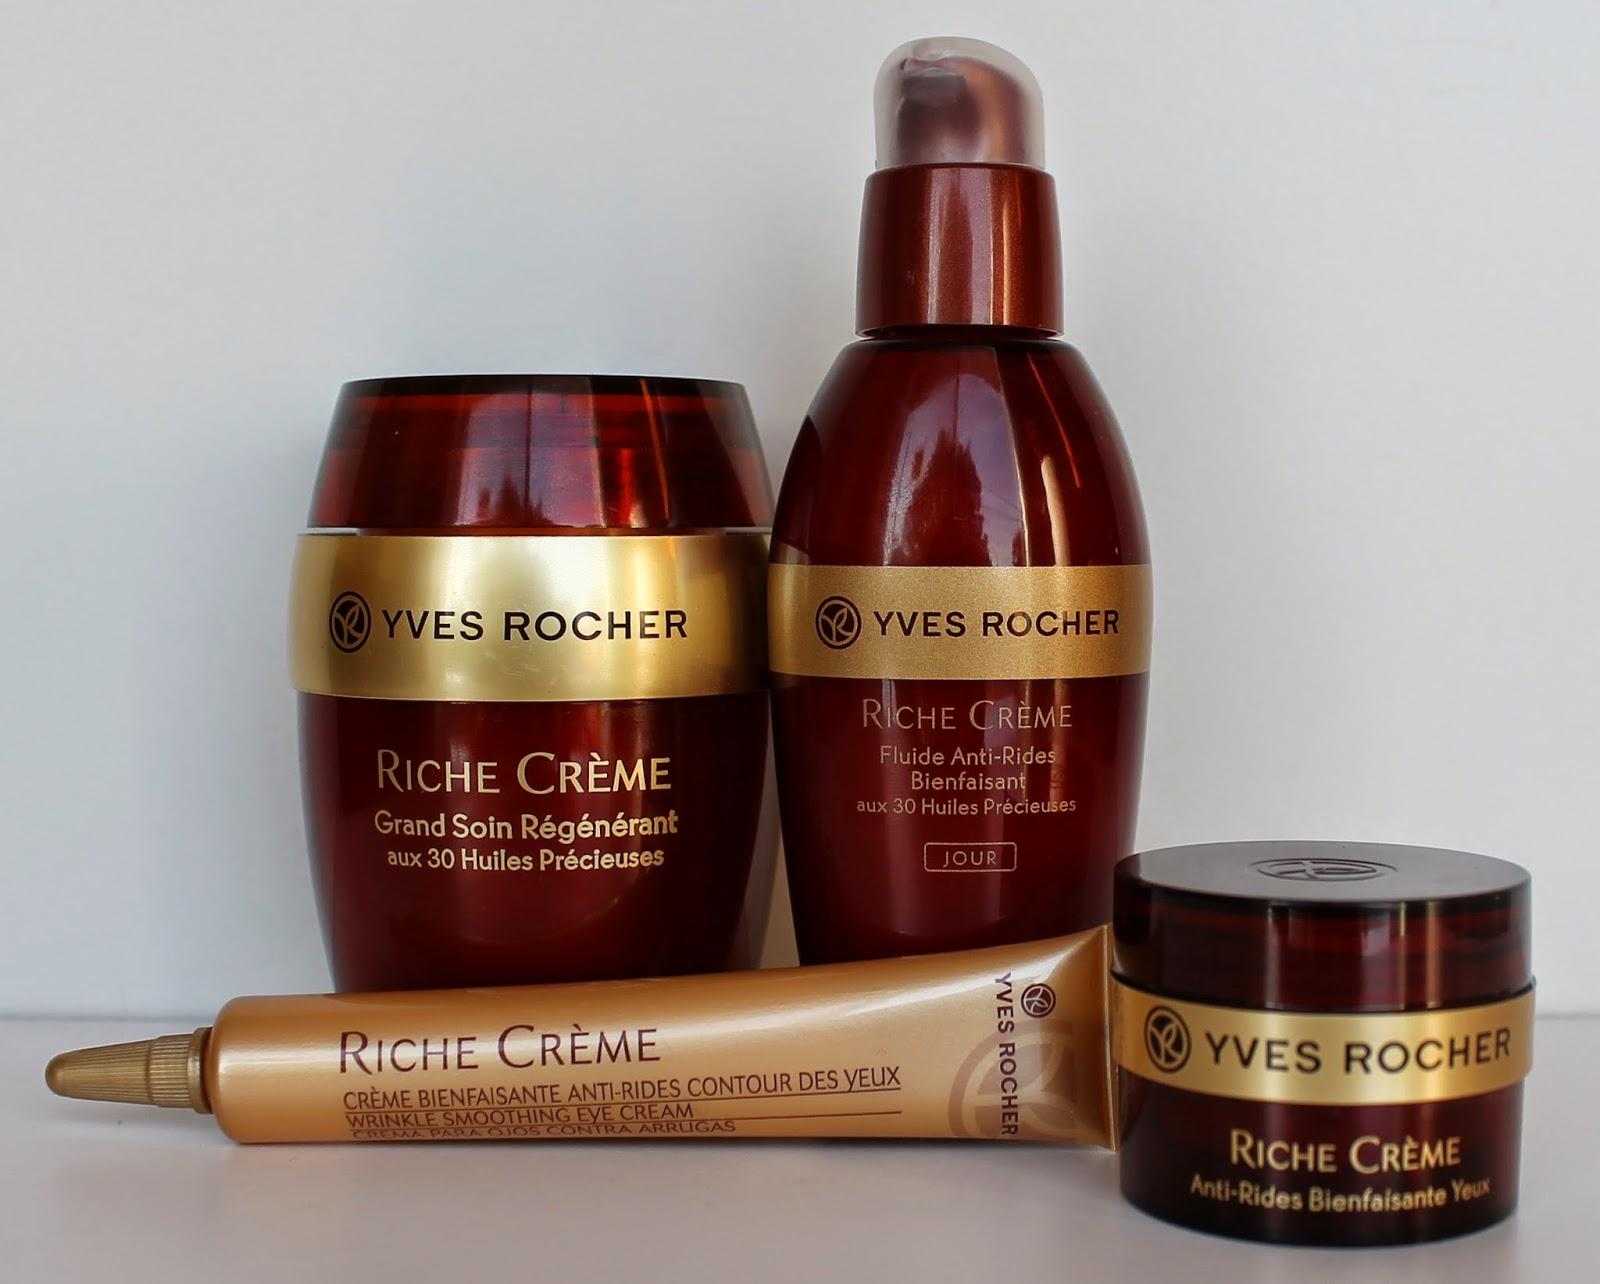 Riche crème 30 huiles précieuses Yves Rocher